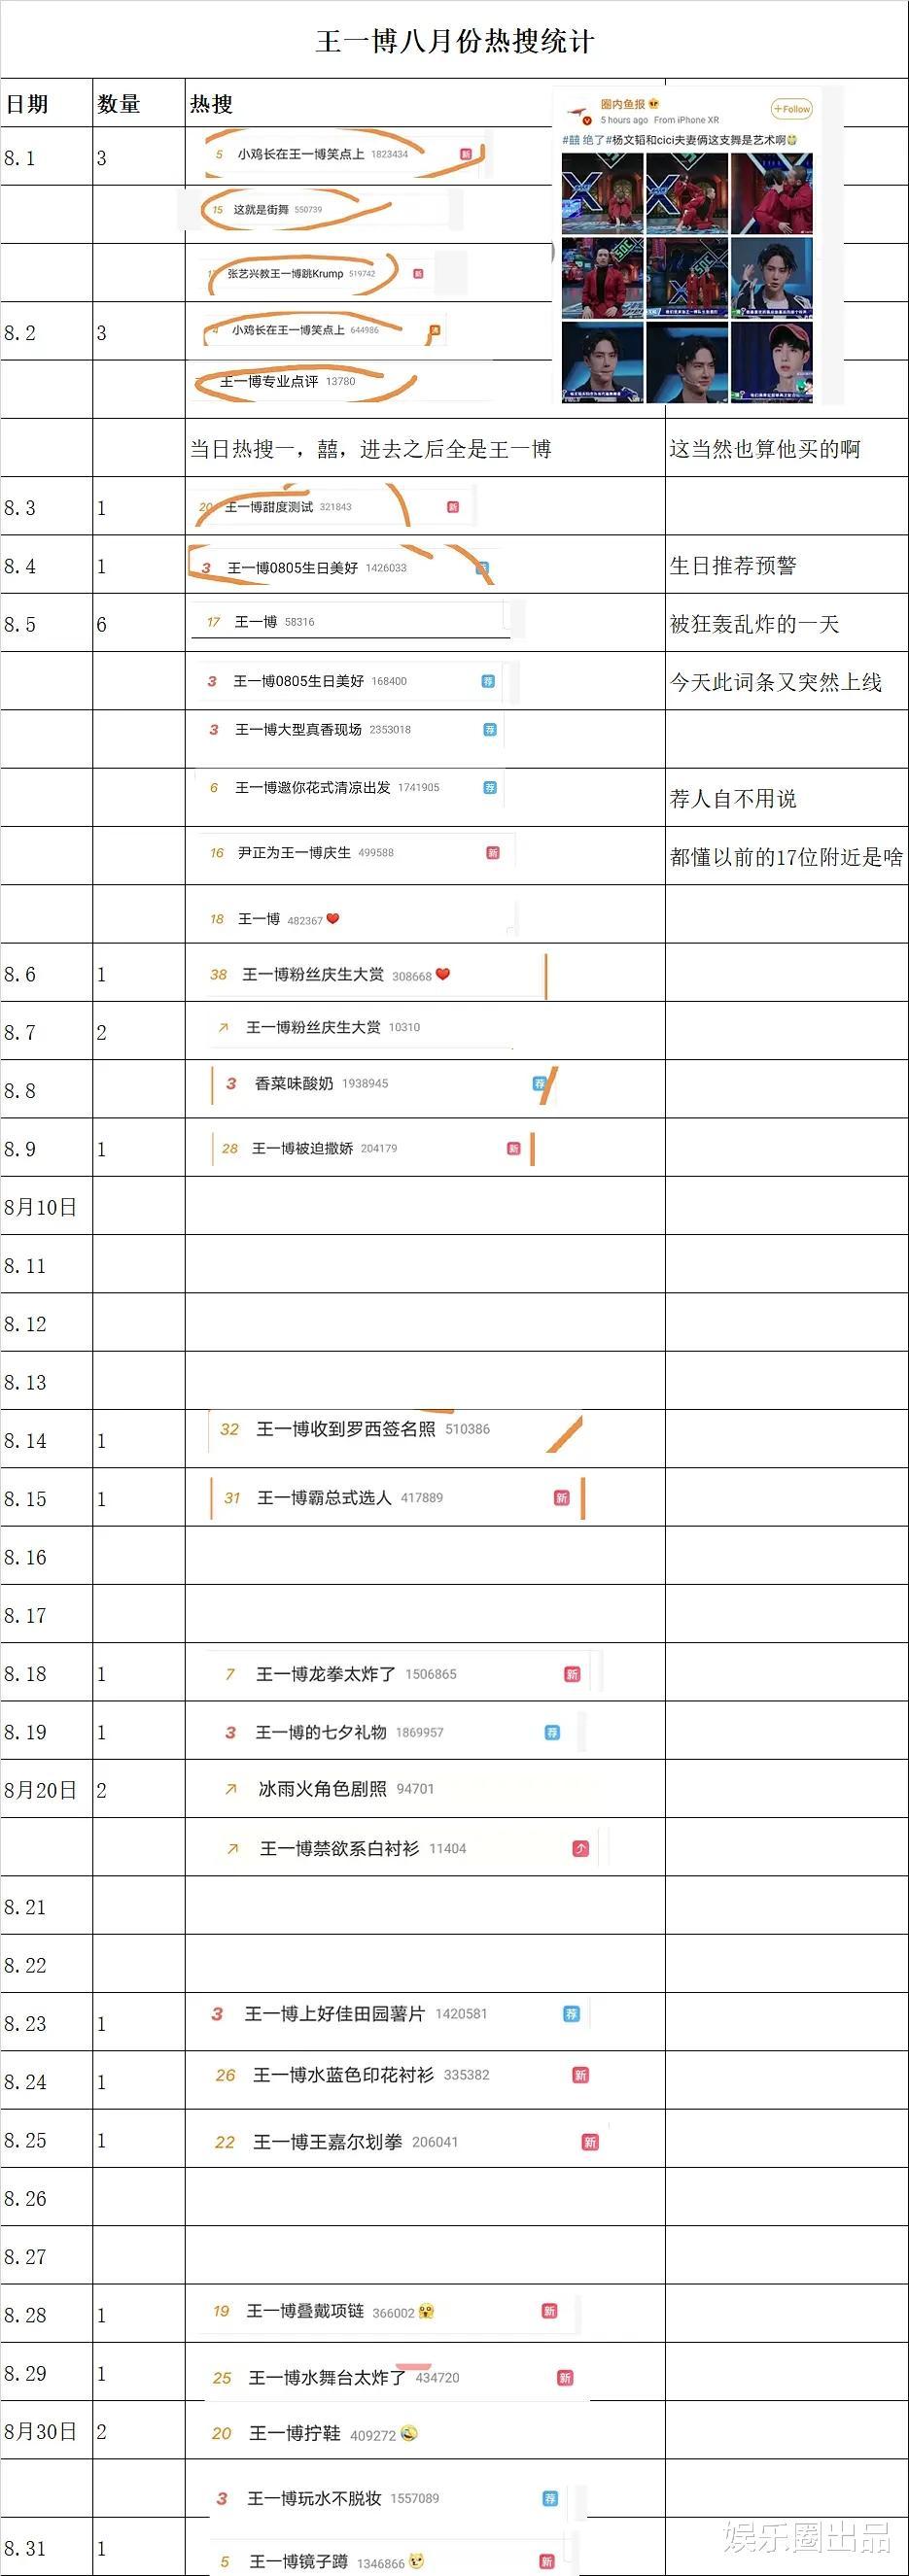 王一博拿獎並不意外,13部戲確實略顯單薄,但獎項本質才是重點-圖5